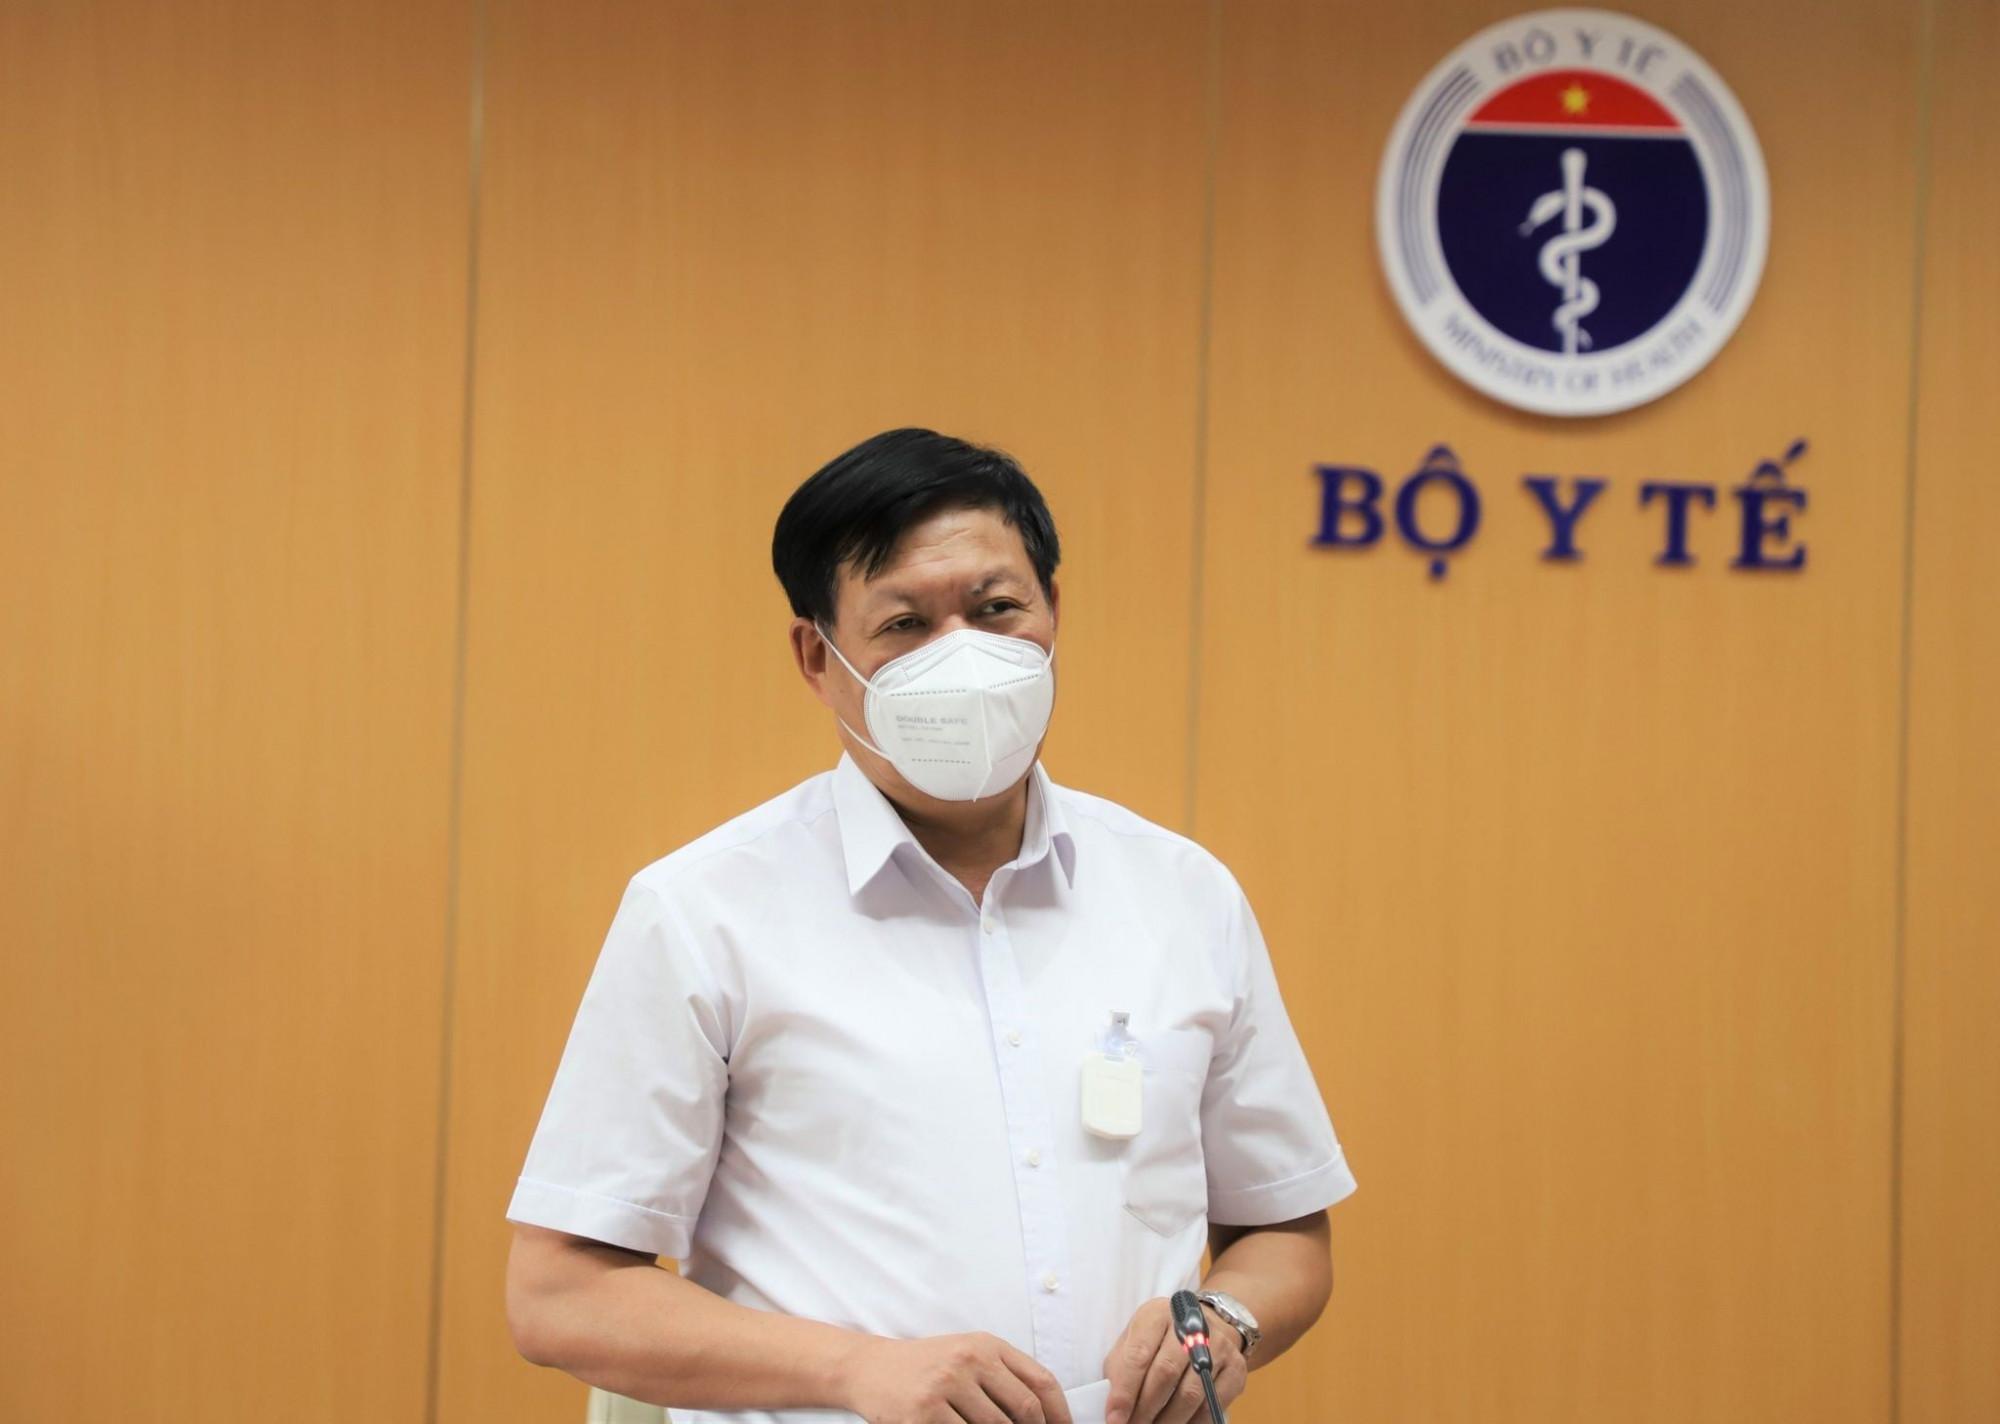 Thứ trưởng Đỗ Xuân Tuyên chủ trì cuộc họp với TPHCM và 3 tỉnh miền Nam về đẩy nhanh tiến độ tiêm chủng vắc xin COVID-19